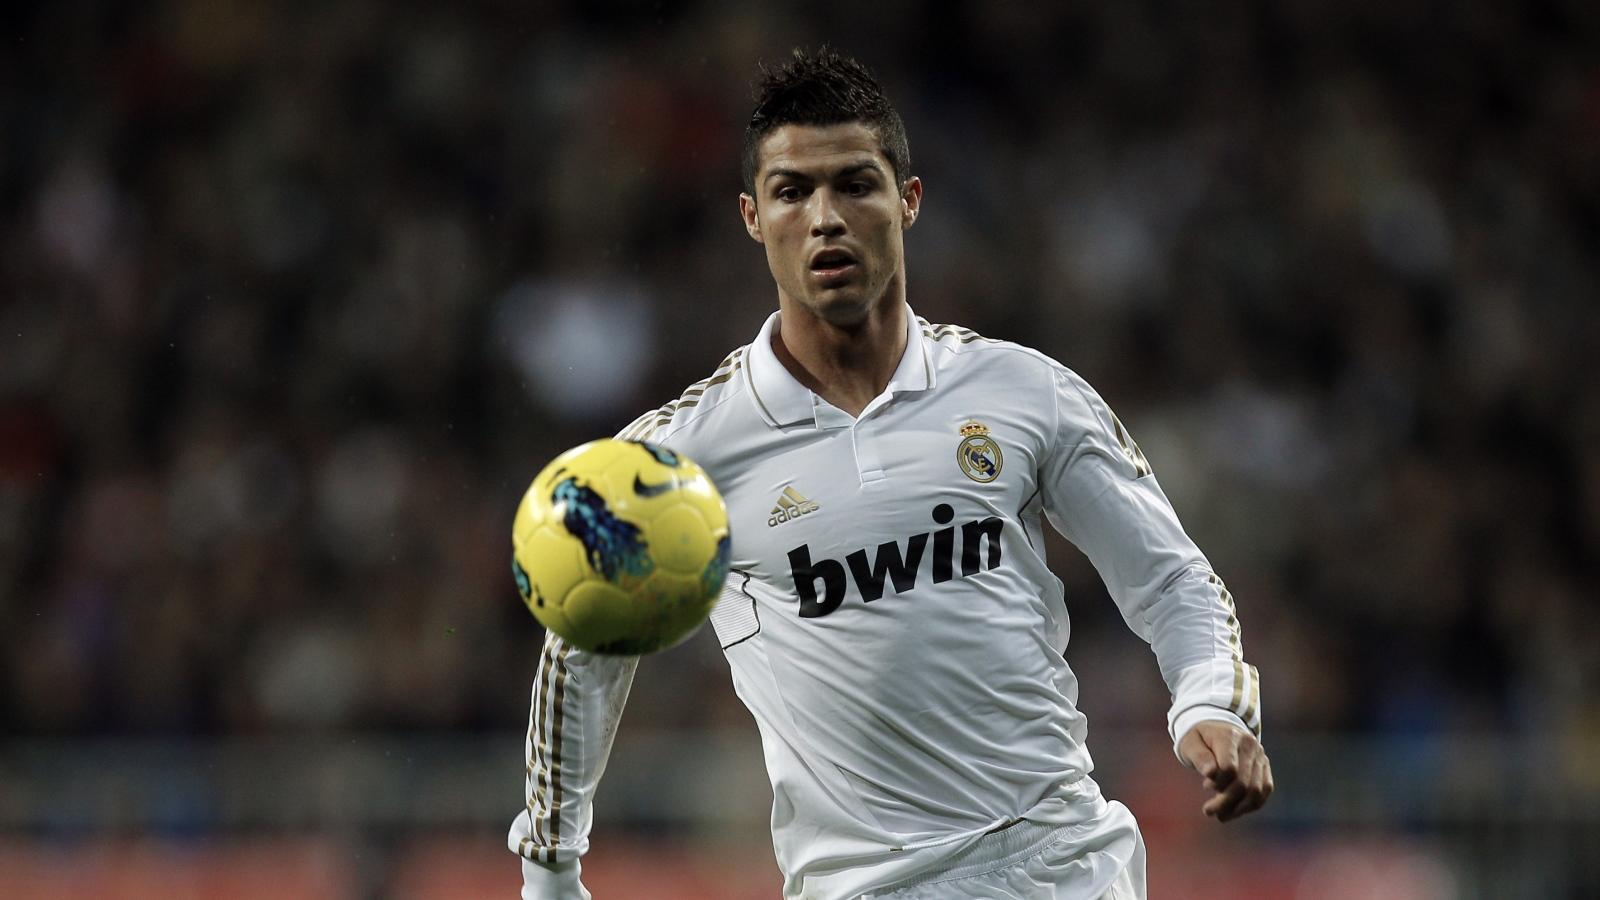 La impresionante patada de arriba de Cristiano Ronaldo ayuda al Juventus